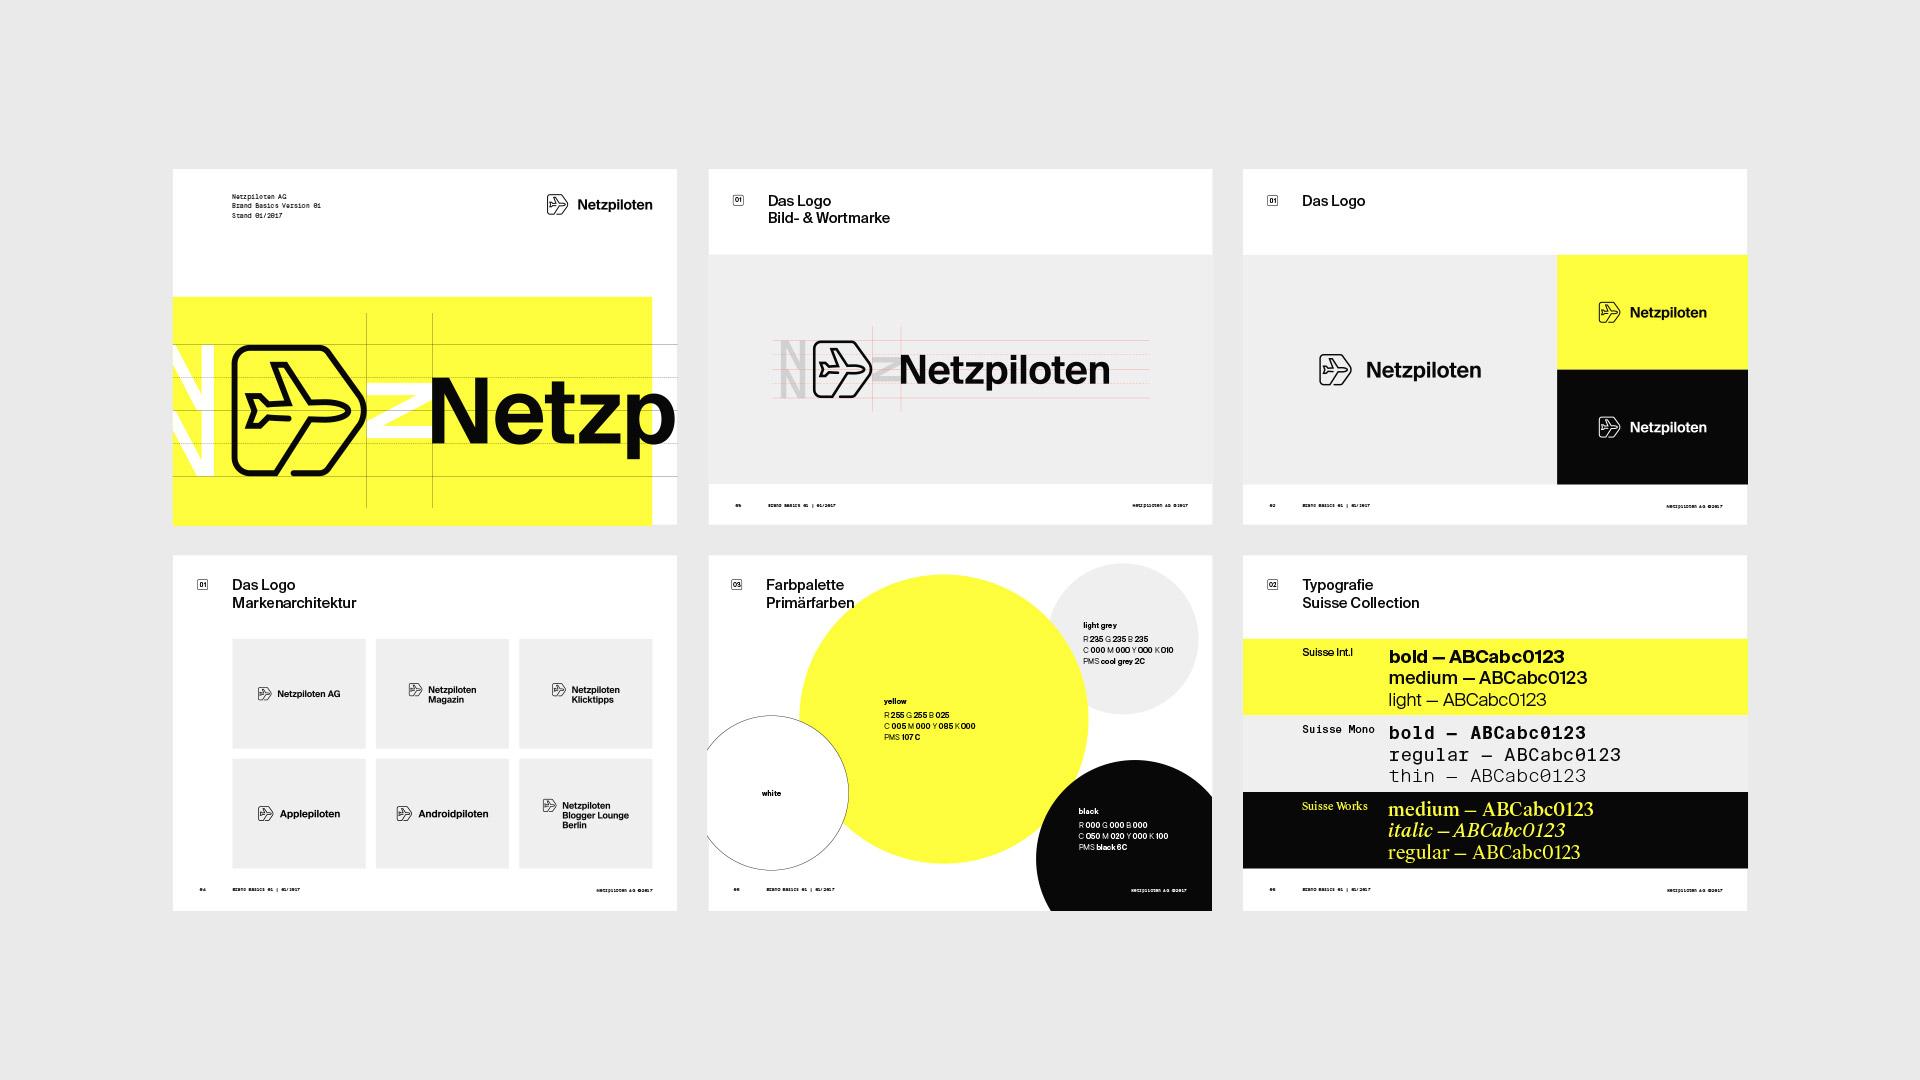 mscholz-case-netzpiloten-guidelines-02